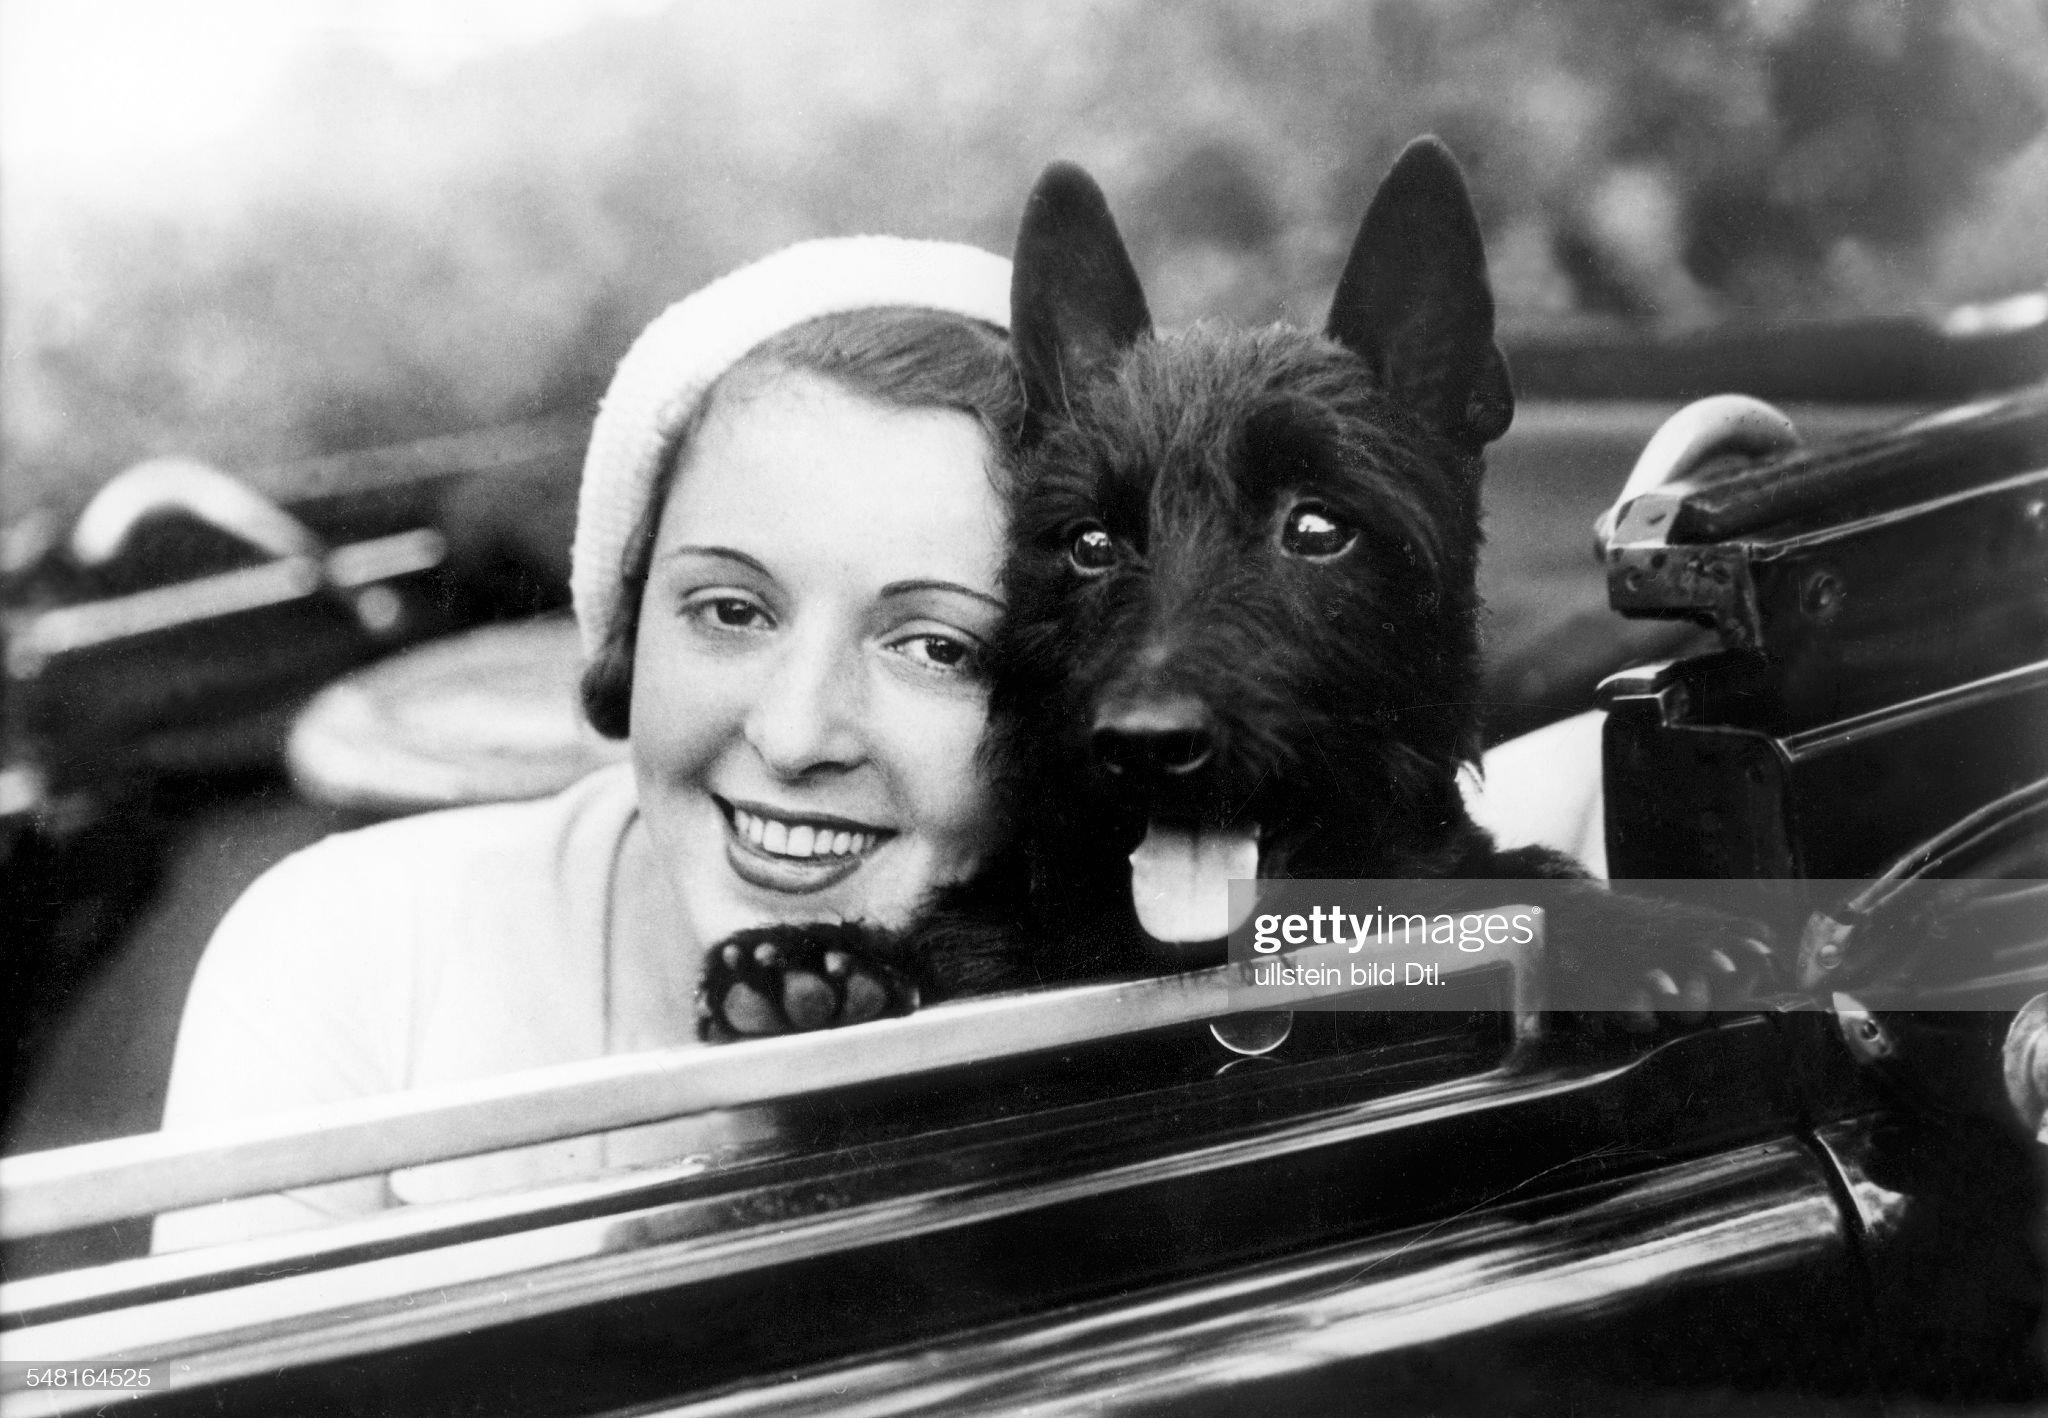 Jugo, Jenny - Actress, Austria - *14.06.1904-30.09.2001+ sitting in a car with her dog - undated Photographer: Zander und Labisch - Vintage property of ullstein bild : News Photo